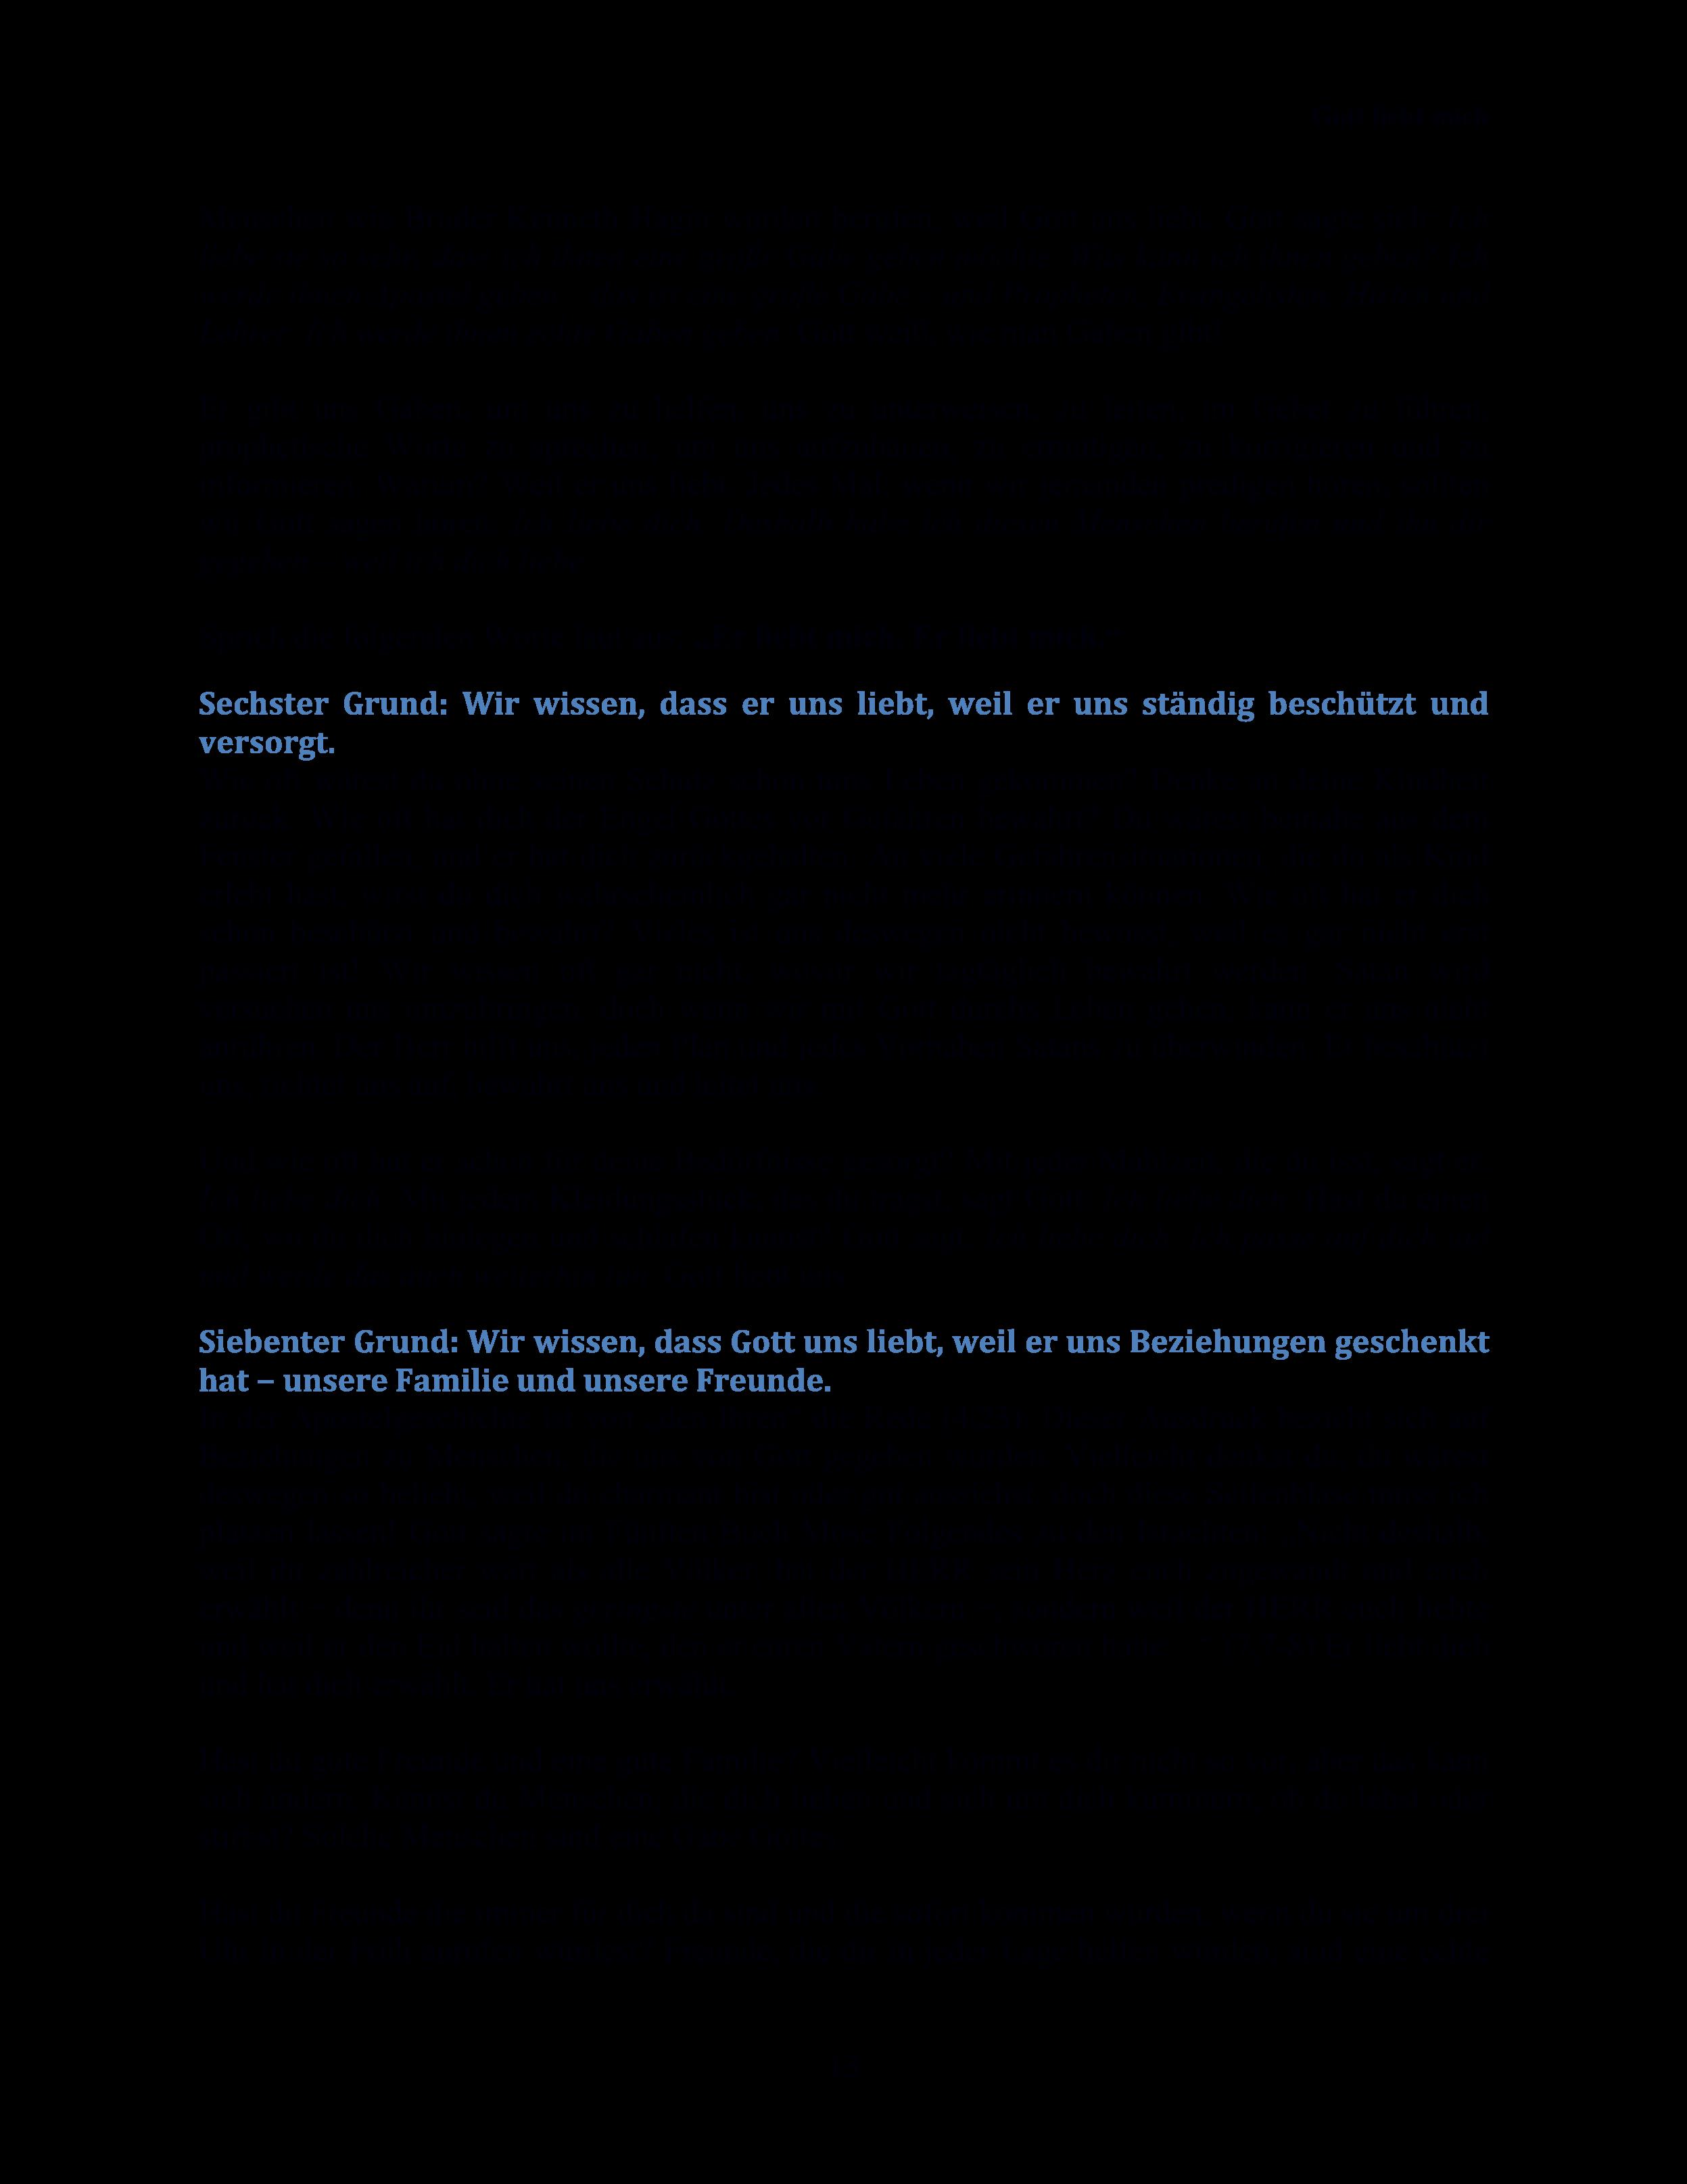 Wie Sehr Ich Ihn Liebe Text Liebstexte 2019 09 12